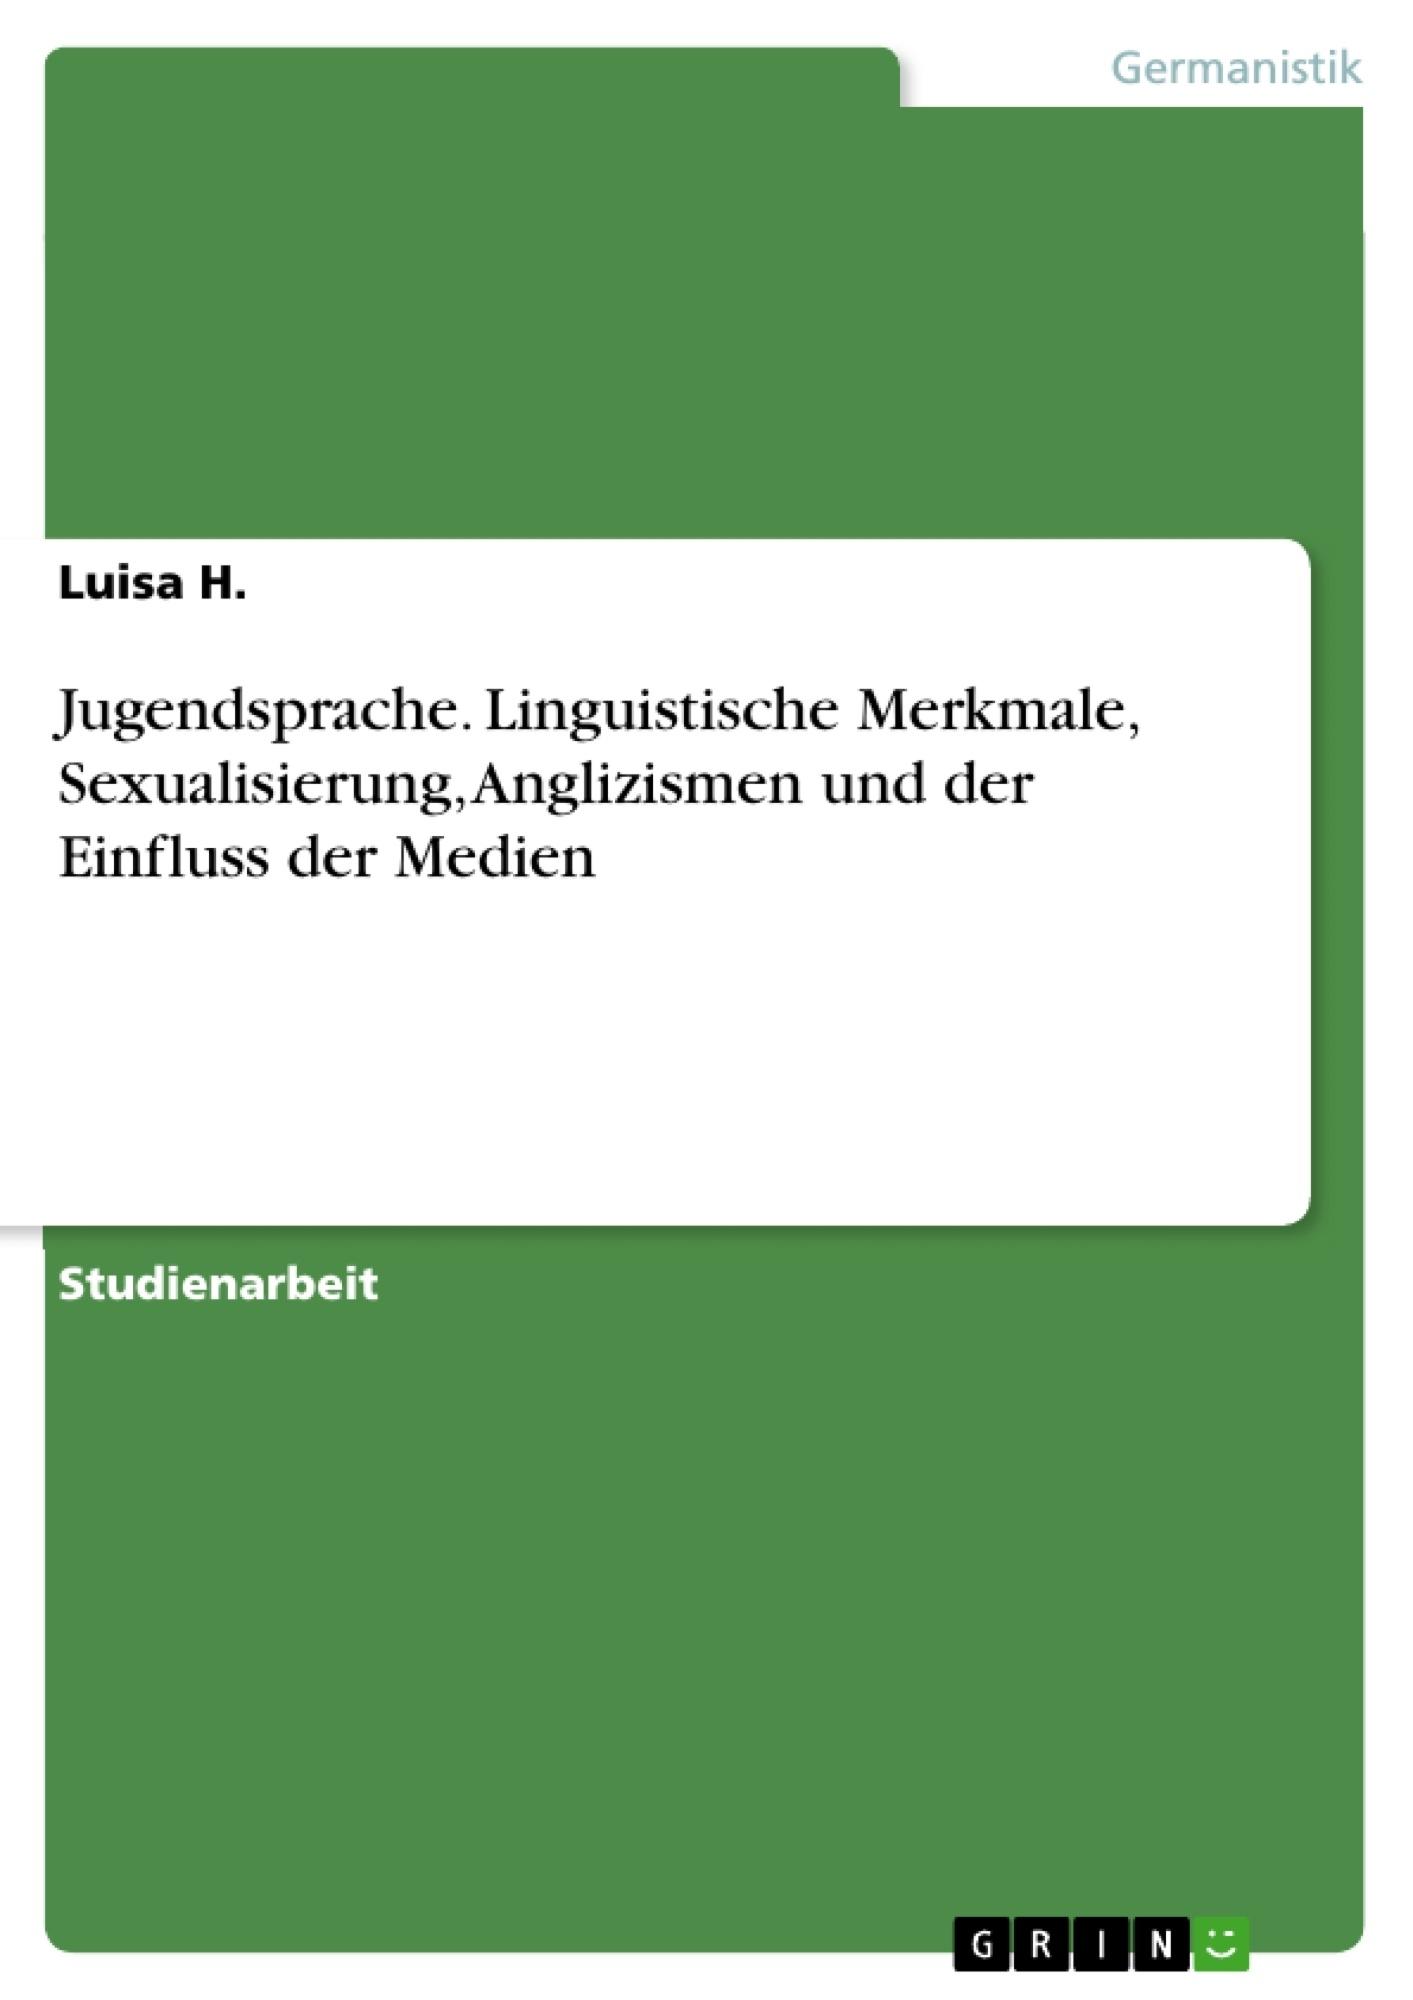 Titel: Jugendsprache. Linguistische Merkmale, Sexualisierung, Anglizismen und der Einfluss der Medien